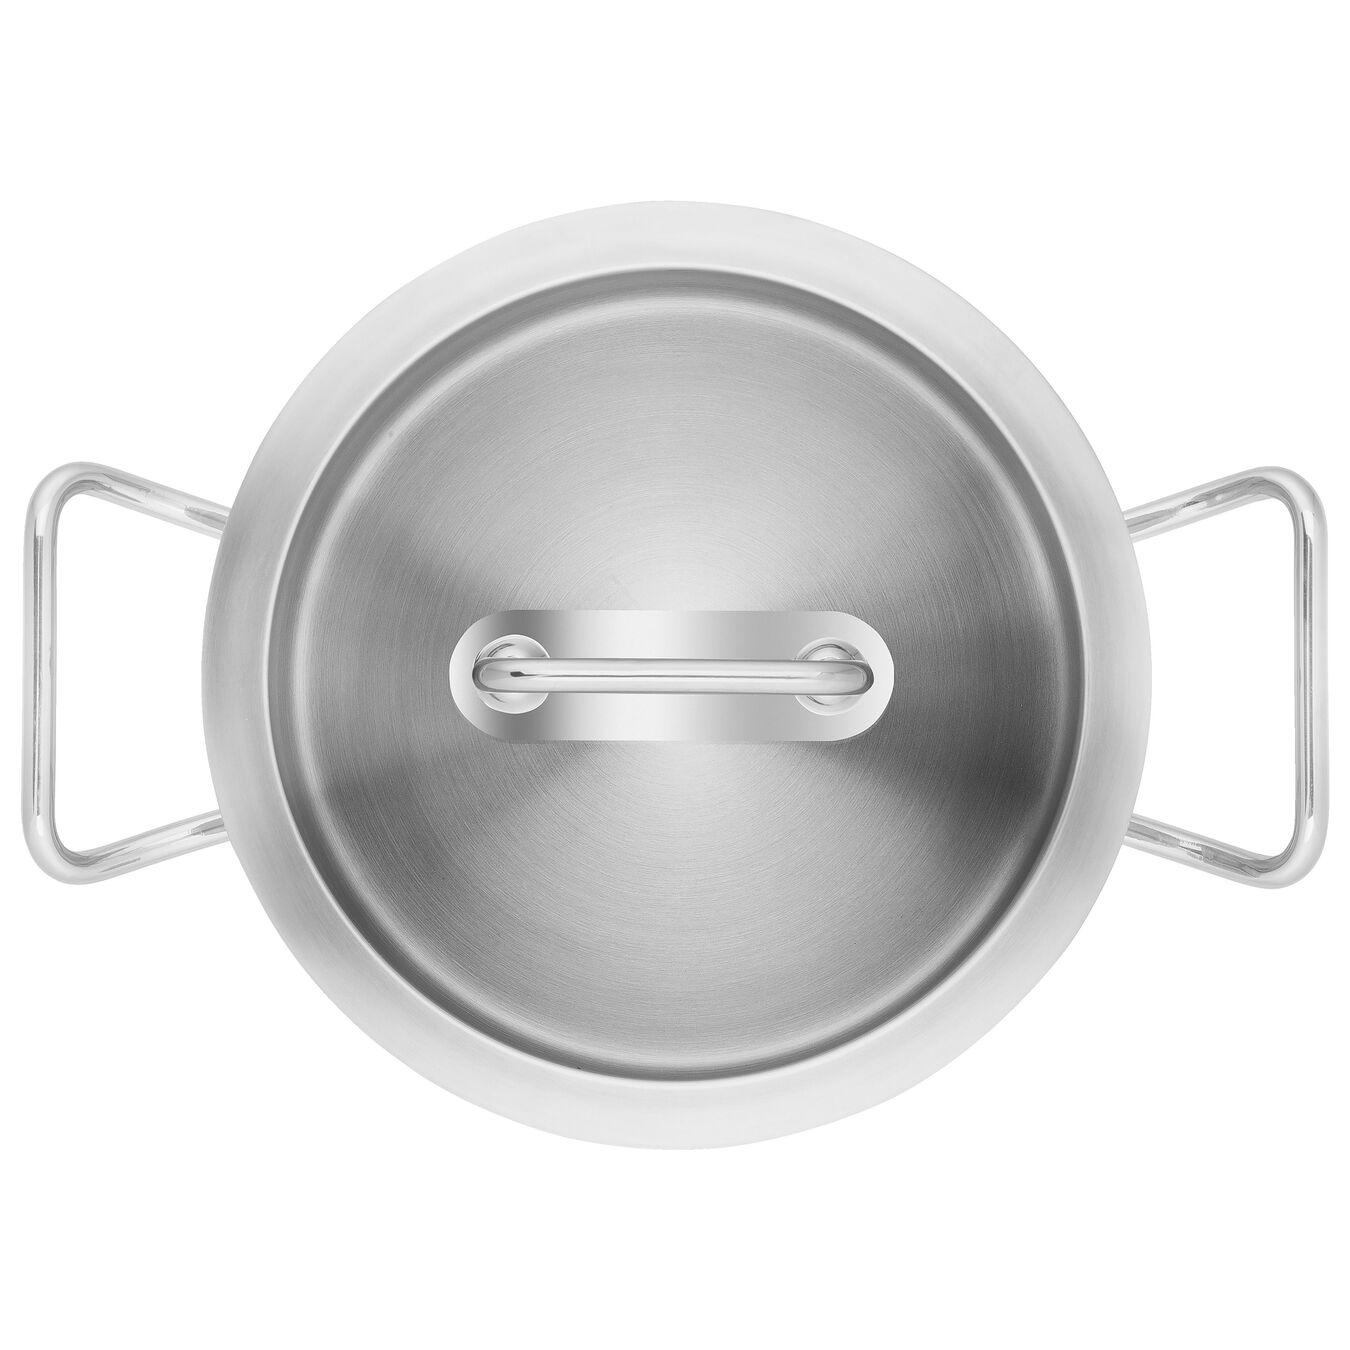 Tegame - 24 cm, 18/10 acciaio inossidabile,,large 3